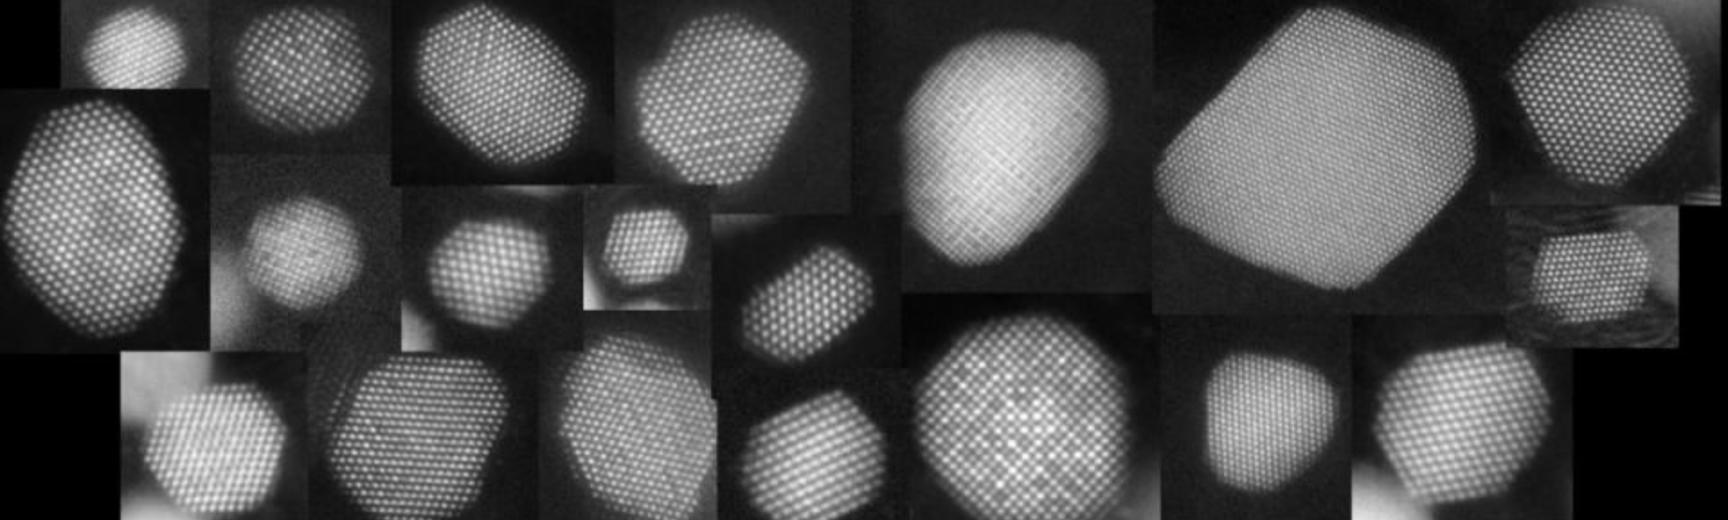 Pt Co Nanoparticles